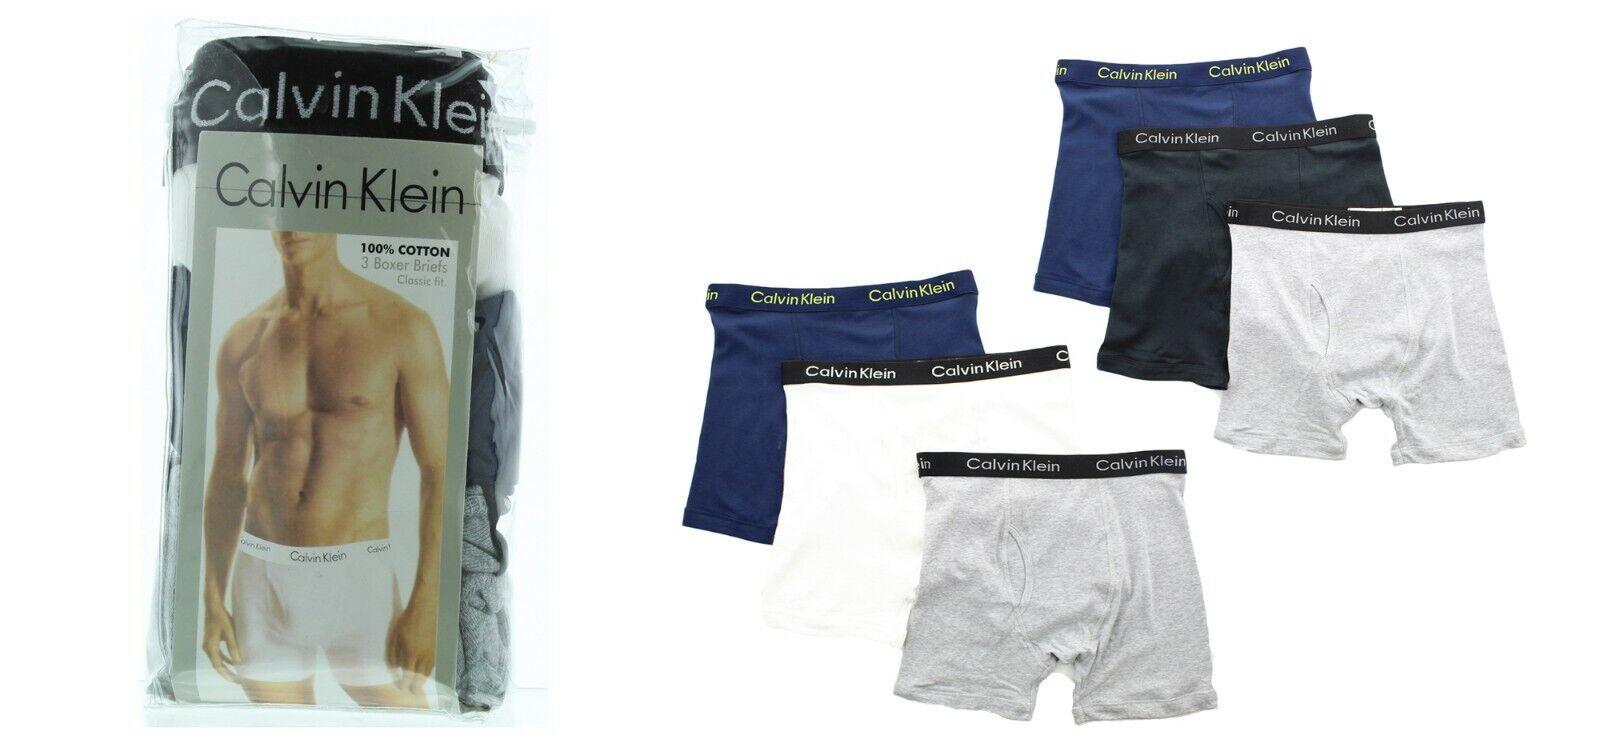 Calvin Klein Boxer Briefs Men's 3 Pack Underwear Cotton Clas